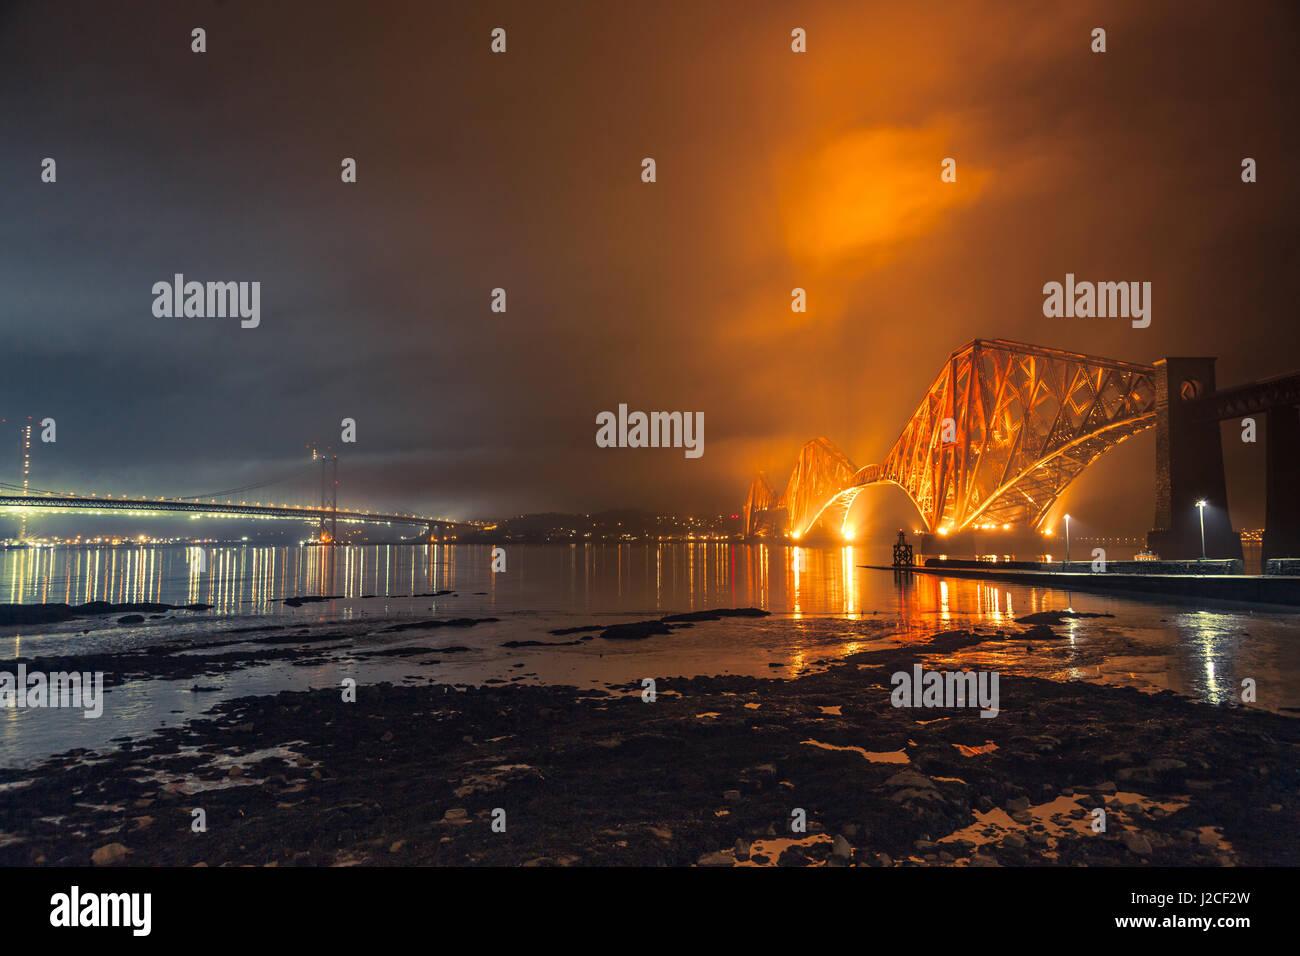 Die Forth Rail Bridge beleuchtet nachts. Goldenes Licht trifft die Wolken. South Queensferry, Edinburgh, Schottland Stockbild